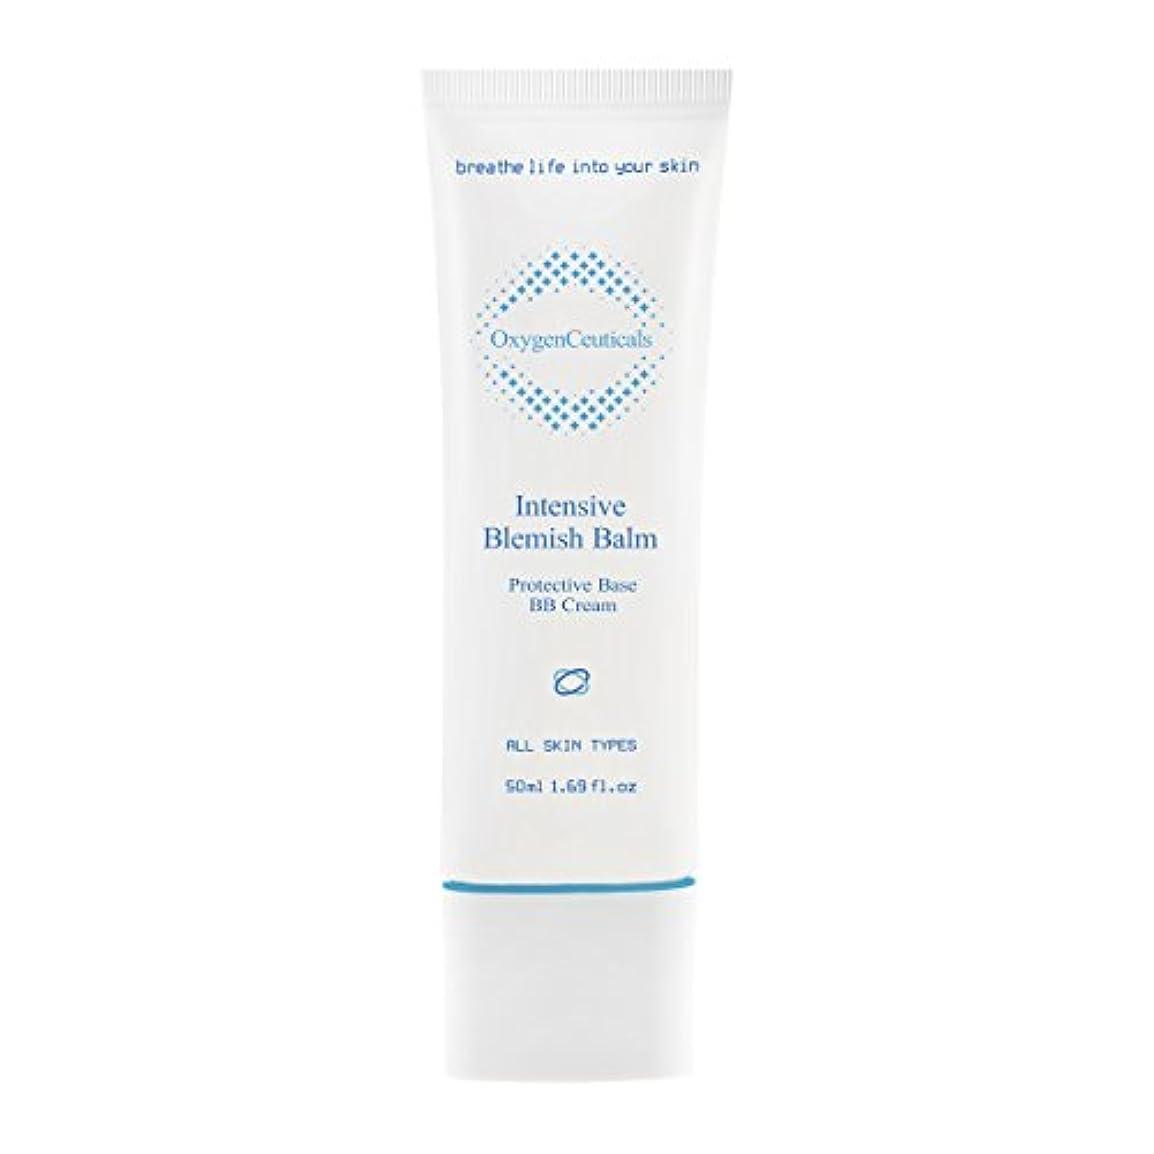 白鳥苦い壮大[ Oxygen Ceuticals ] オキシジェンシューティカルズ 酸素BBクリーム[再.生BB] 50ml. Intensive Blemish Balm(BB Cream) 50ml. X Mask Pack 1p.